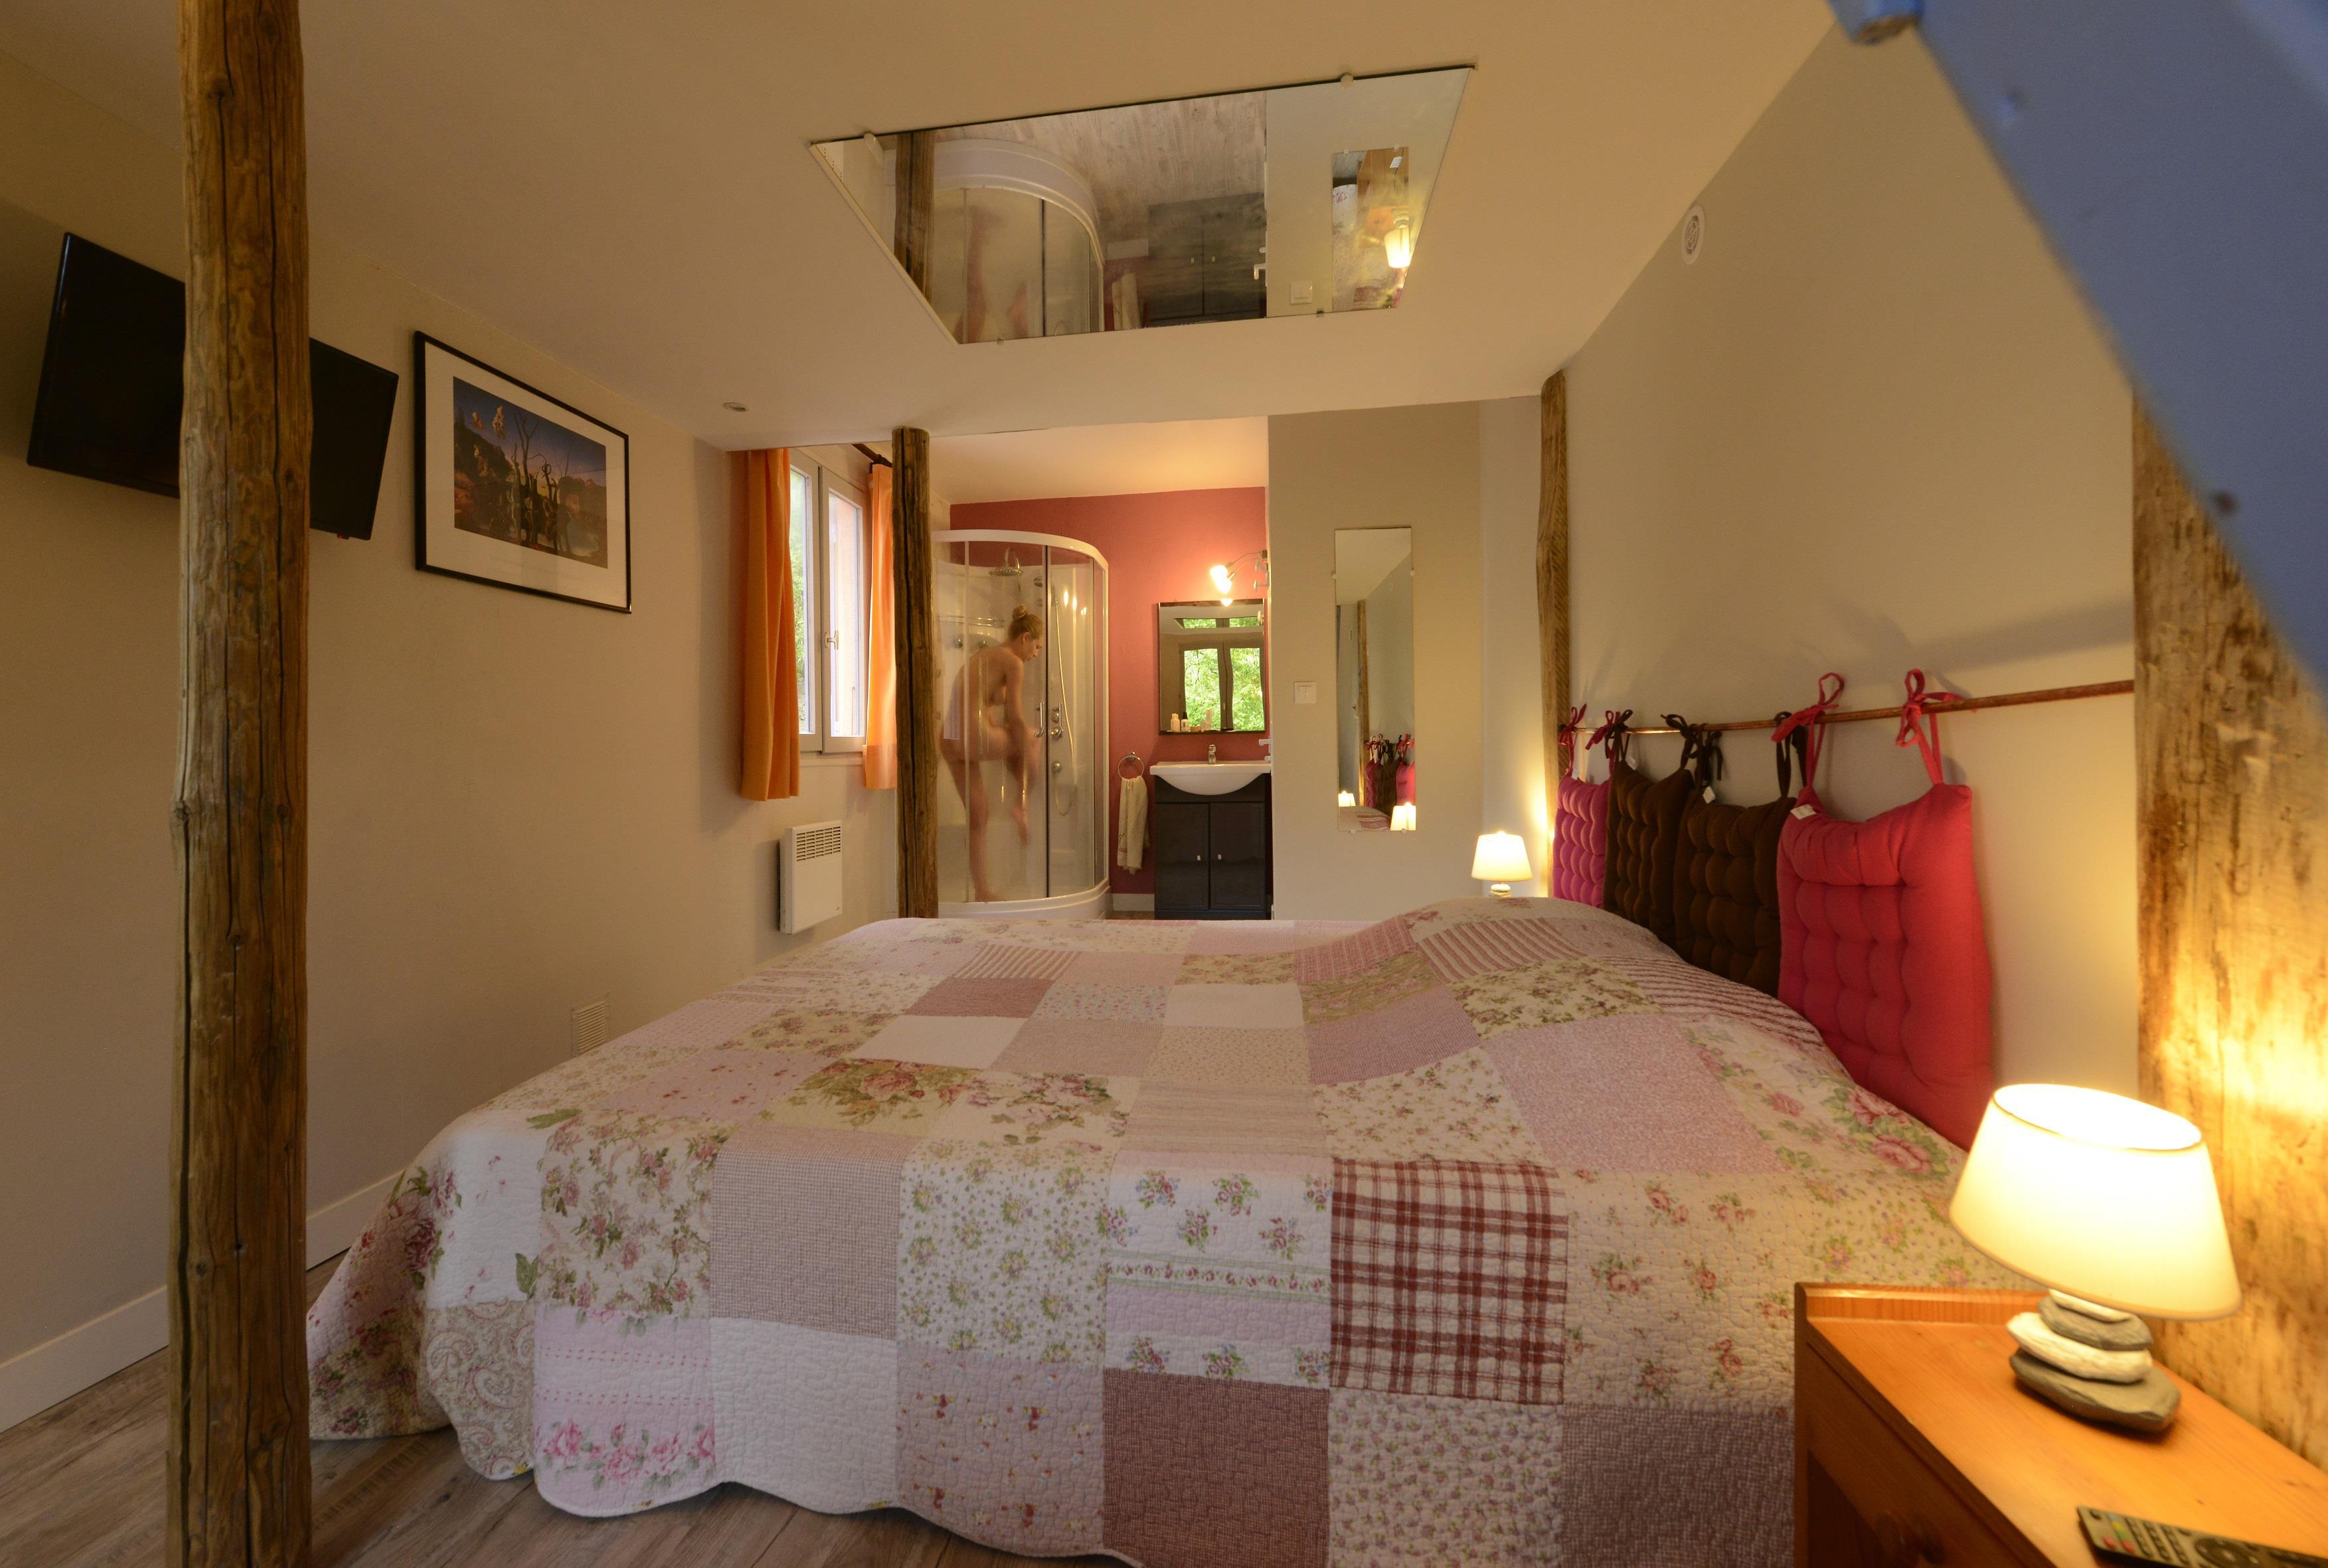 Location - Mini Villa Romana - Camping Club Origan Domaine Naturiste